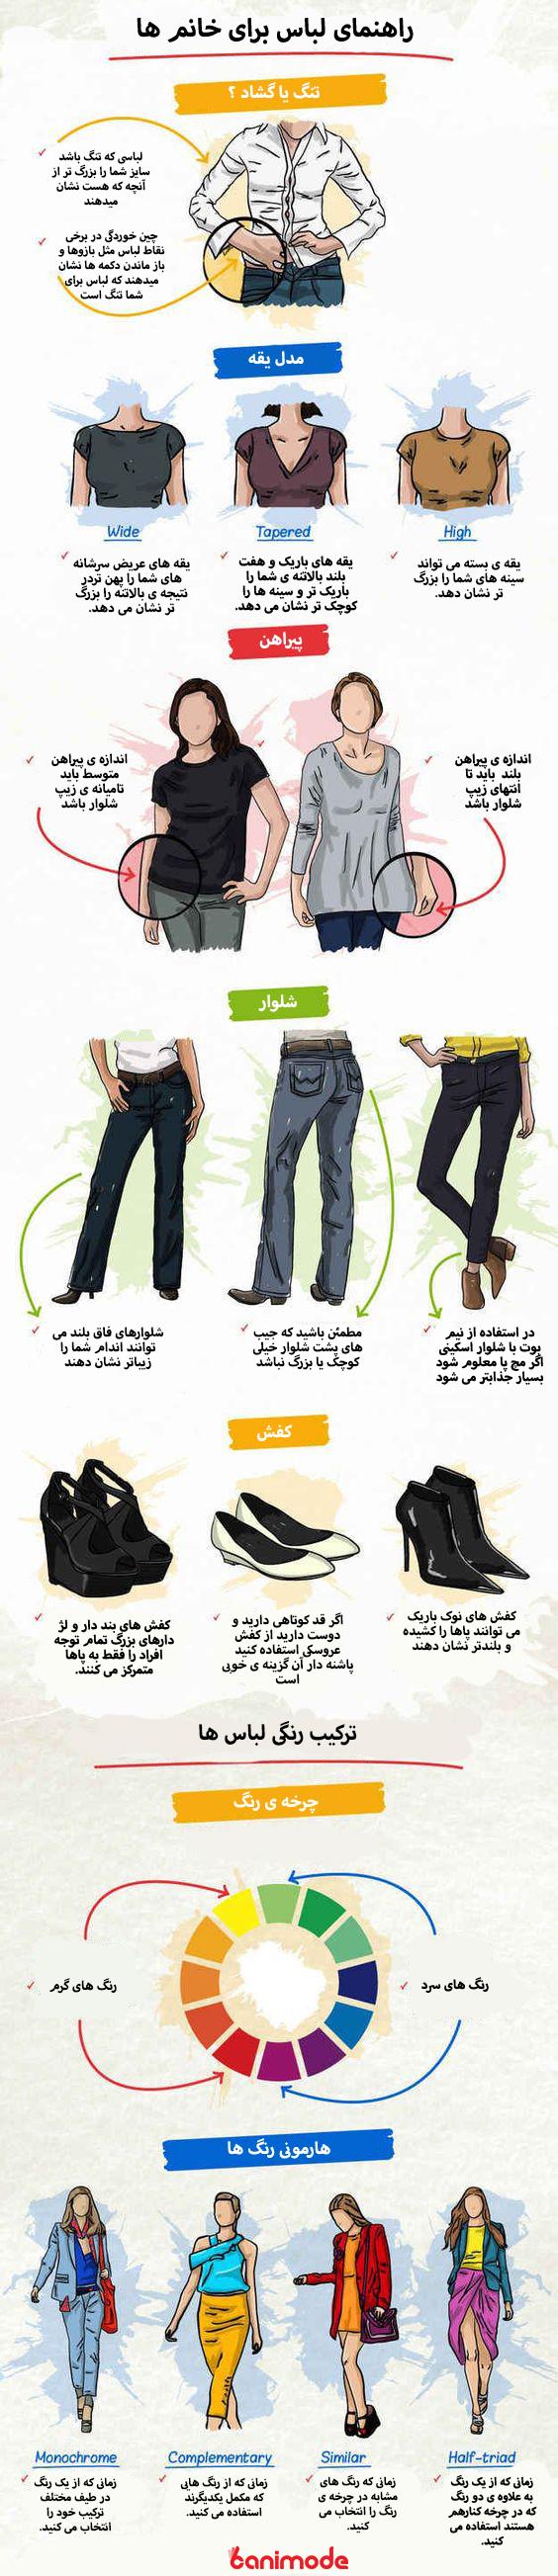 راهنمای لباس خانمها